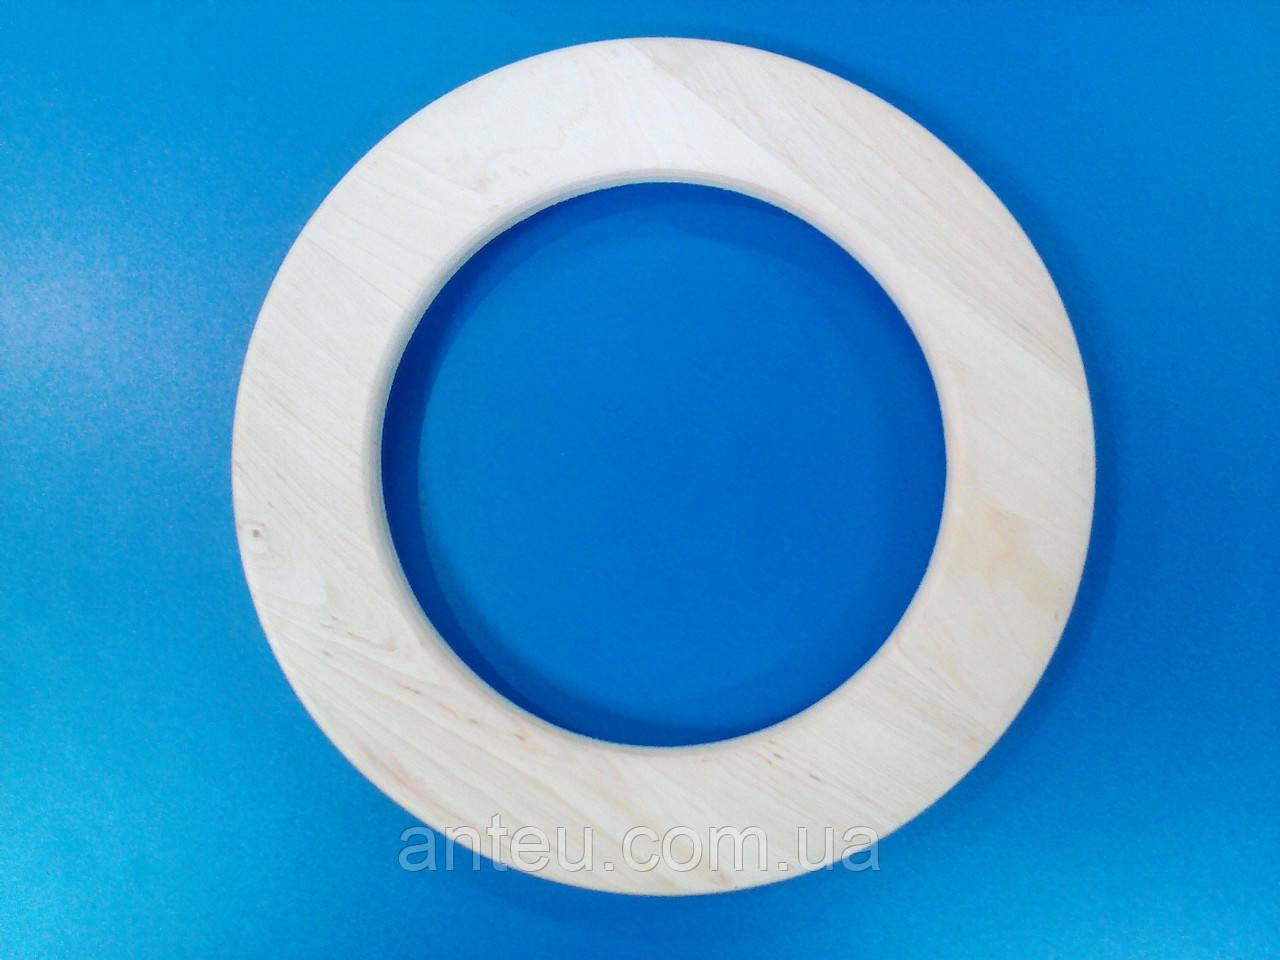 Рамка деревянная (бук) круглая для декупажа.Диаметр 280 мм.Рамки круглые для картин. фото,вышивок.